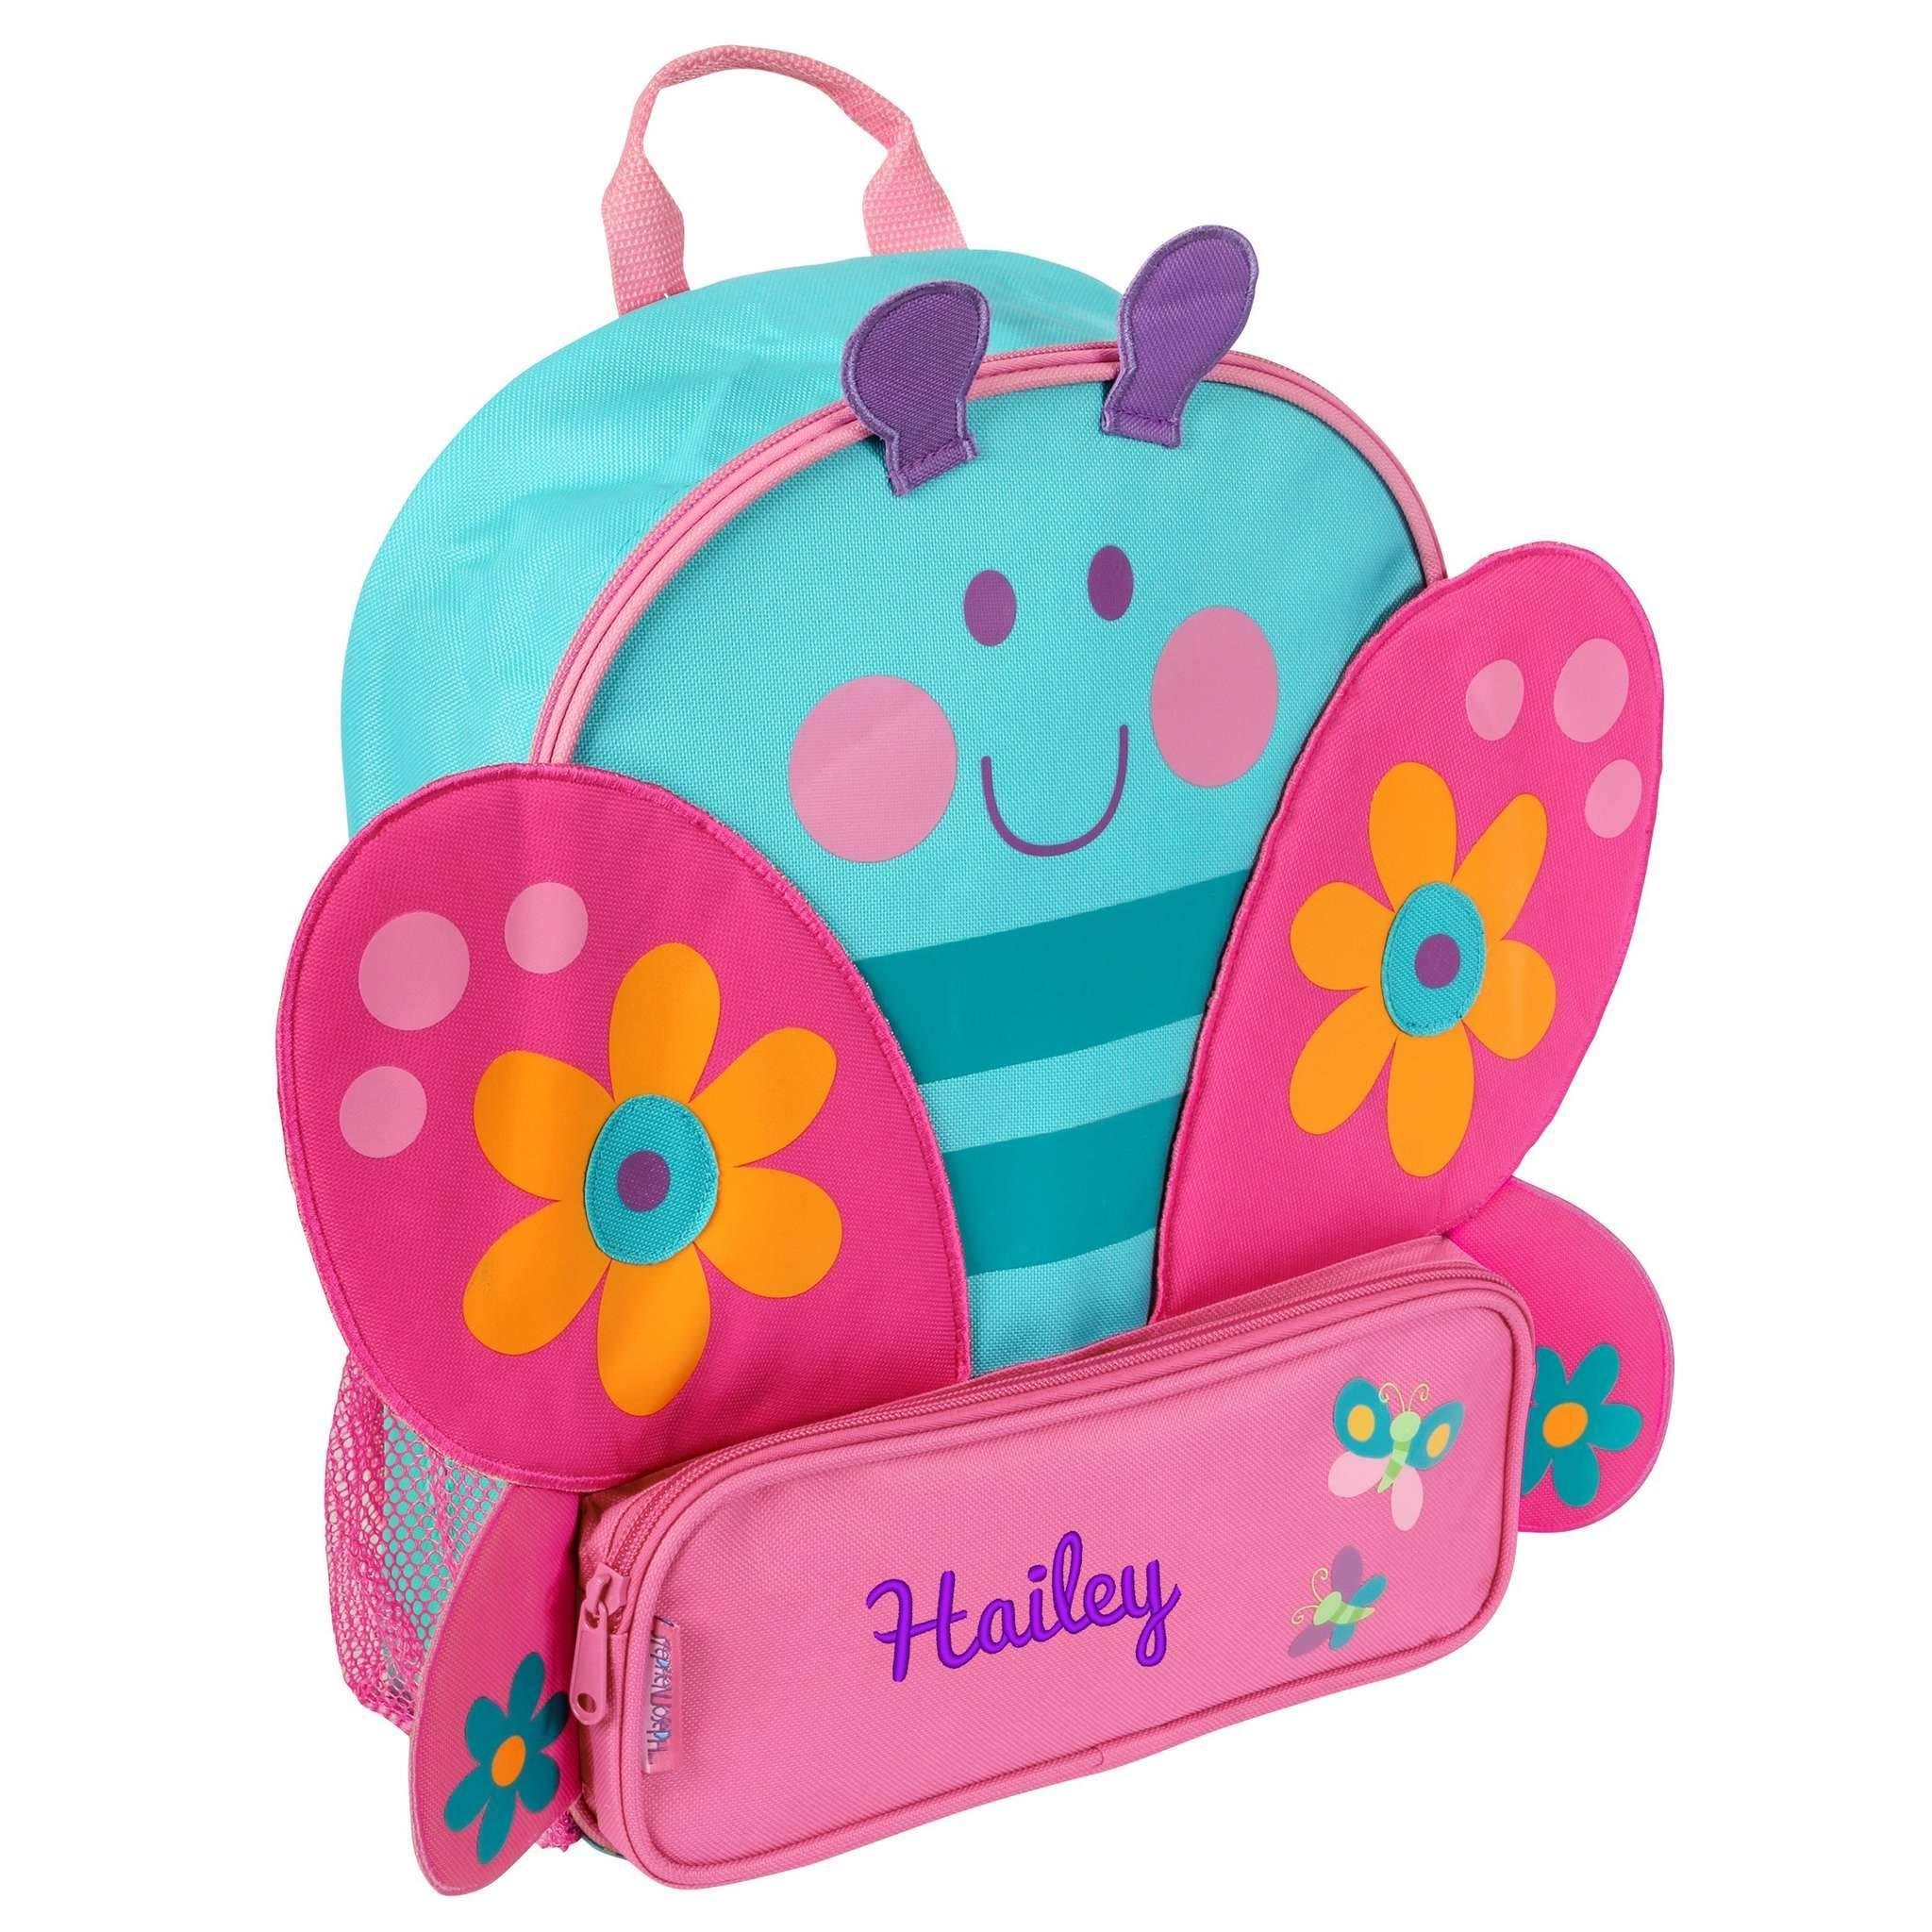 3823e6f1a364 Personalized Preschool Backpack - Stephen Joseph - Sidekick - Cat in ...